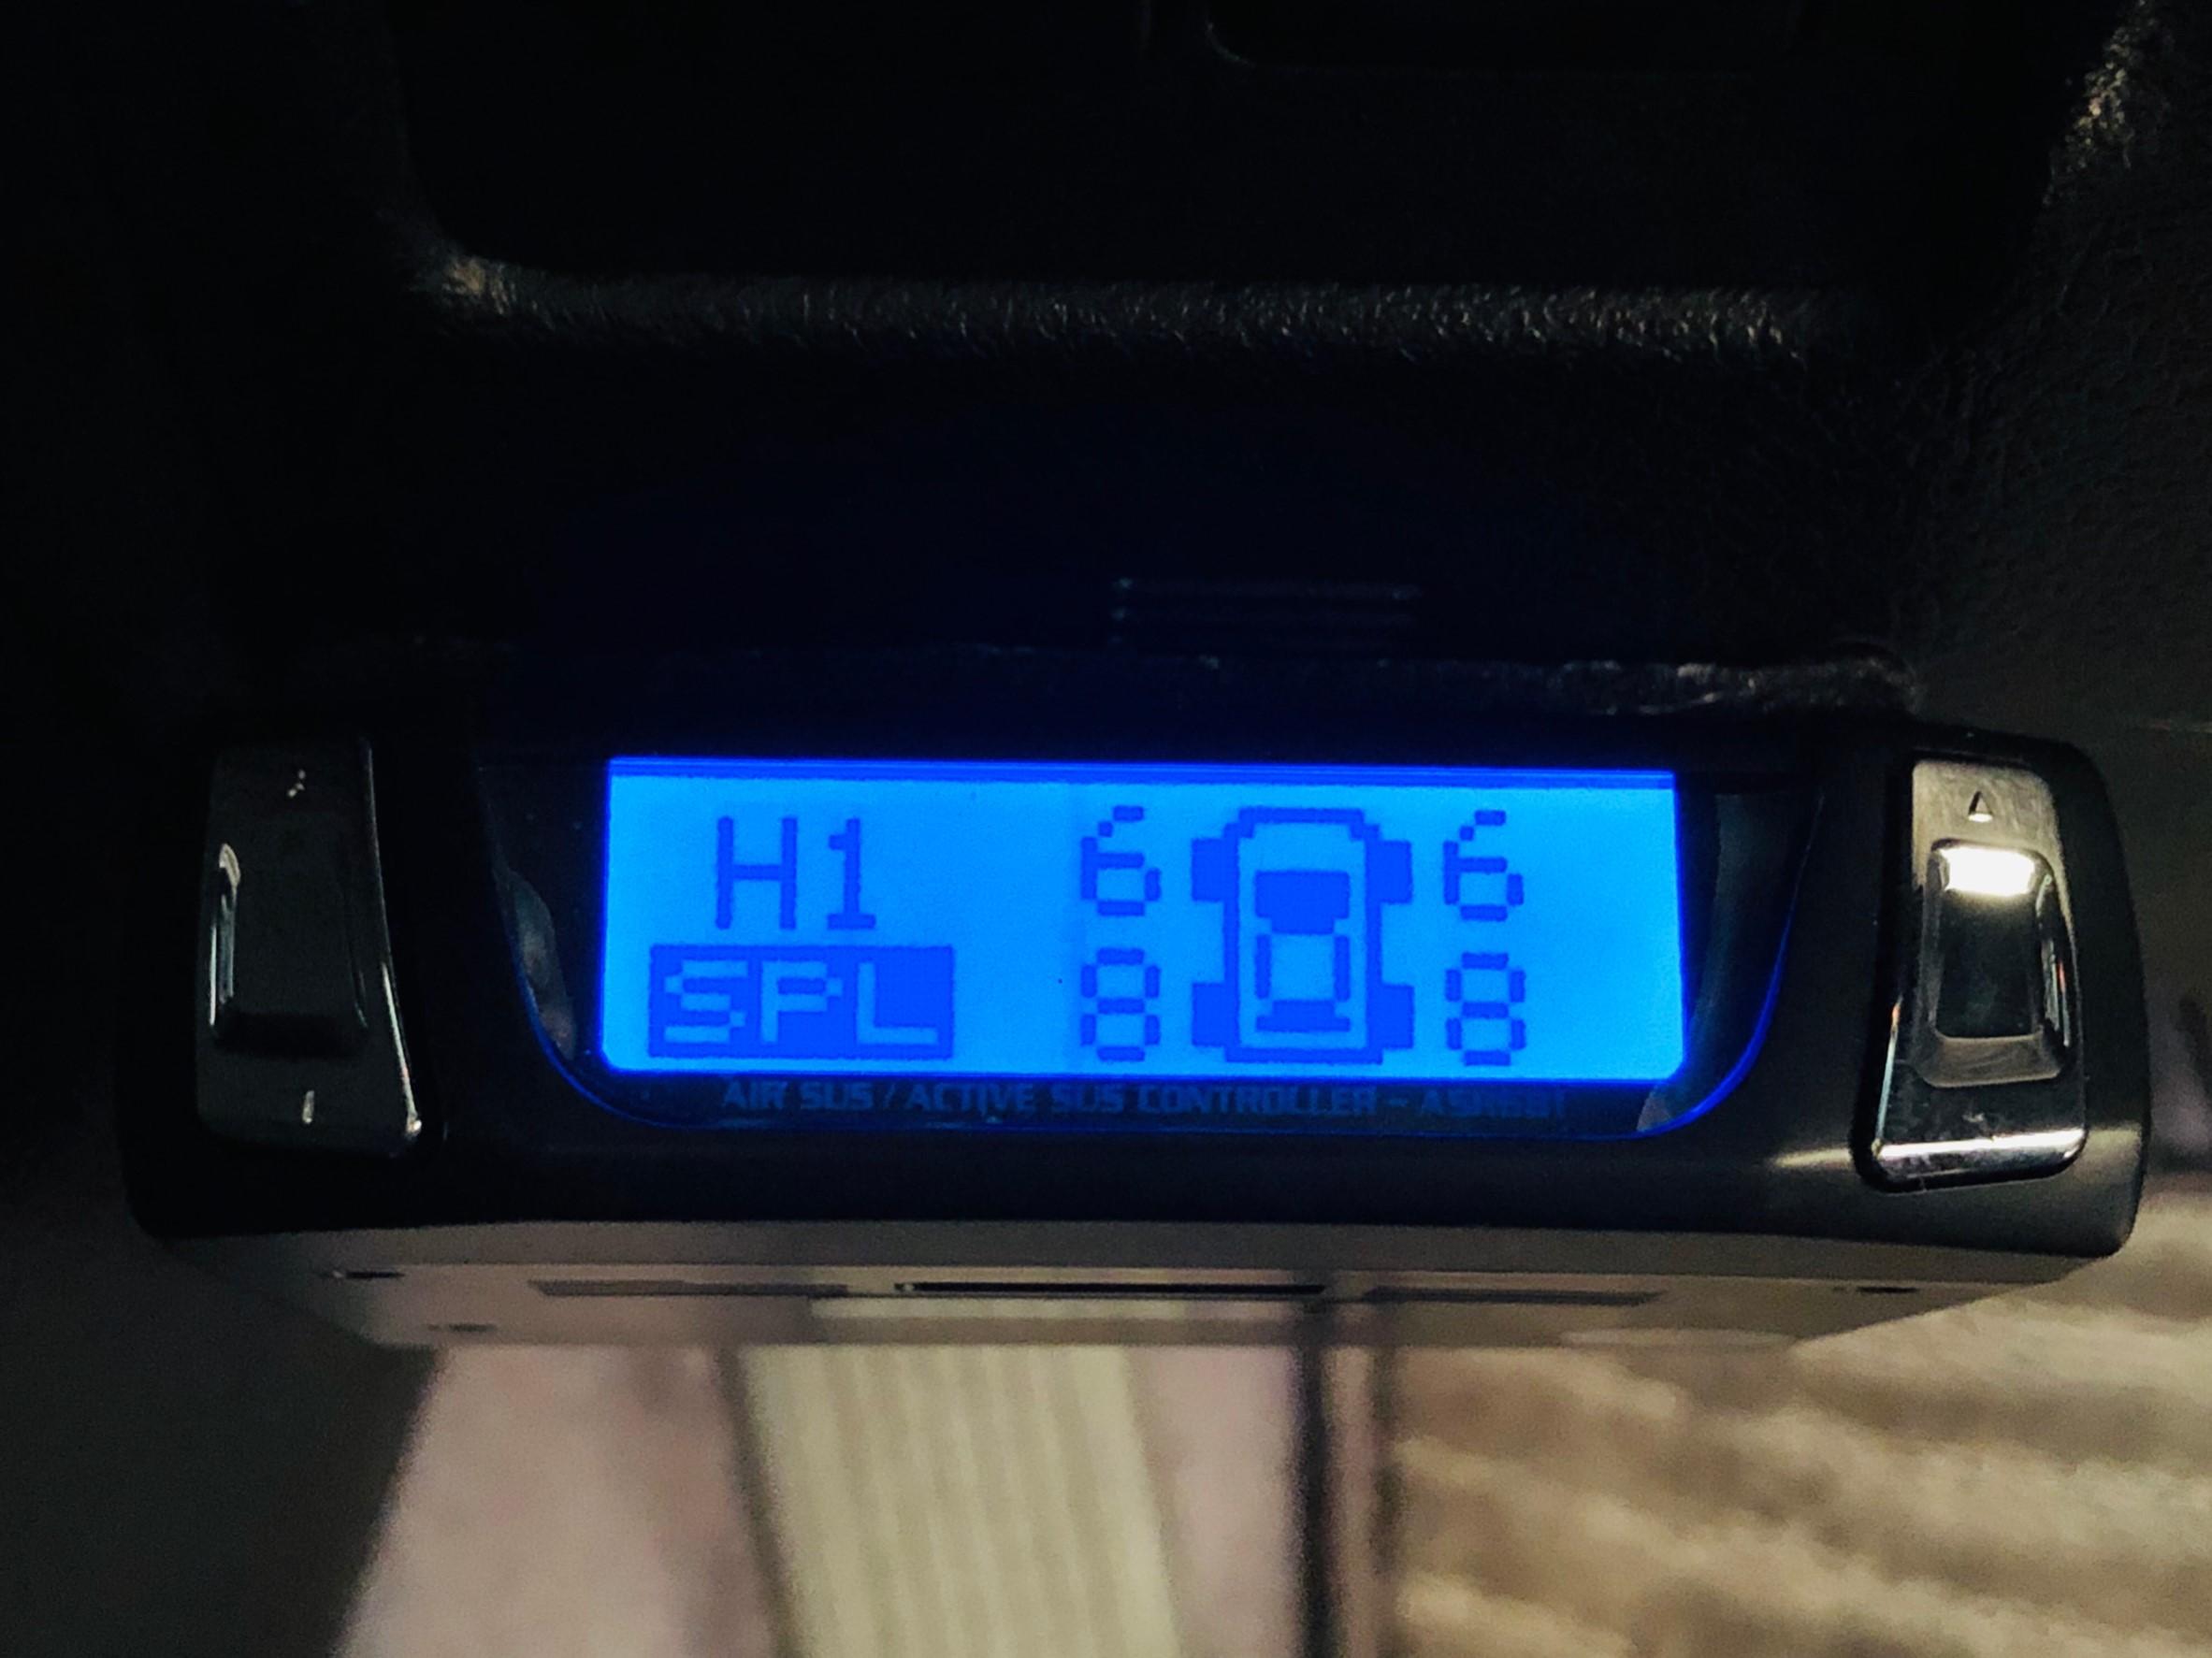 2月18日(火)ランドクルーザー200 4.6ZX 4WD BRANEWフルエアロ 有ります!!ランクル ハマー エスカレードならTOMMY_b0127002_19382328.jpg